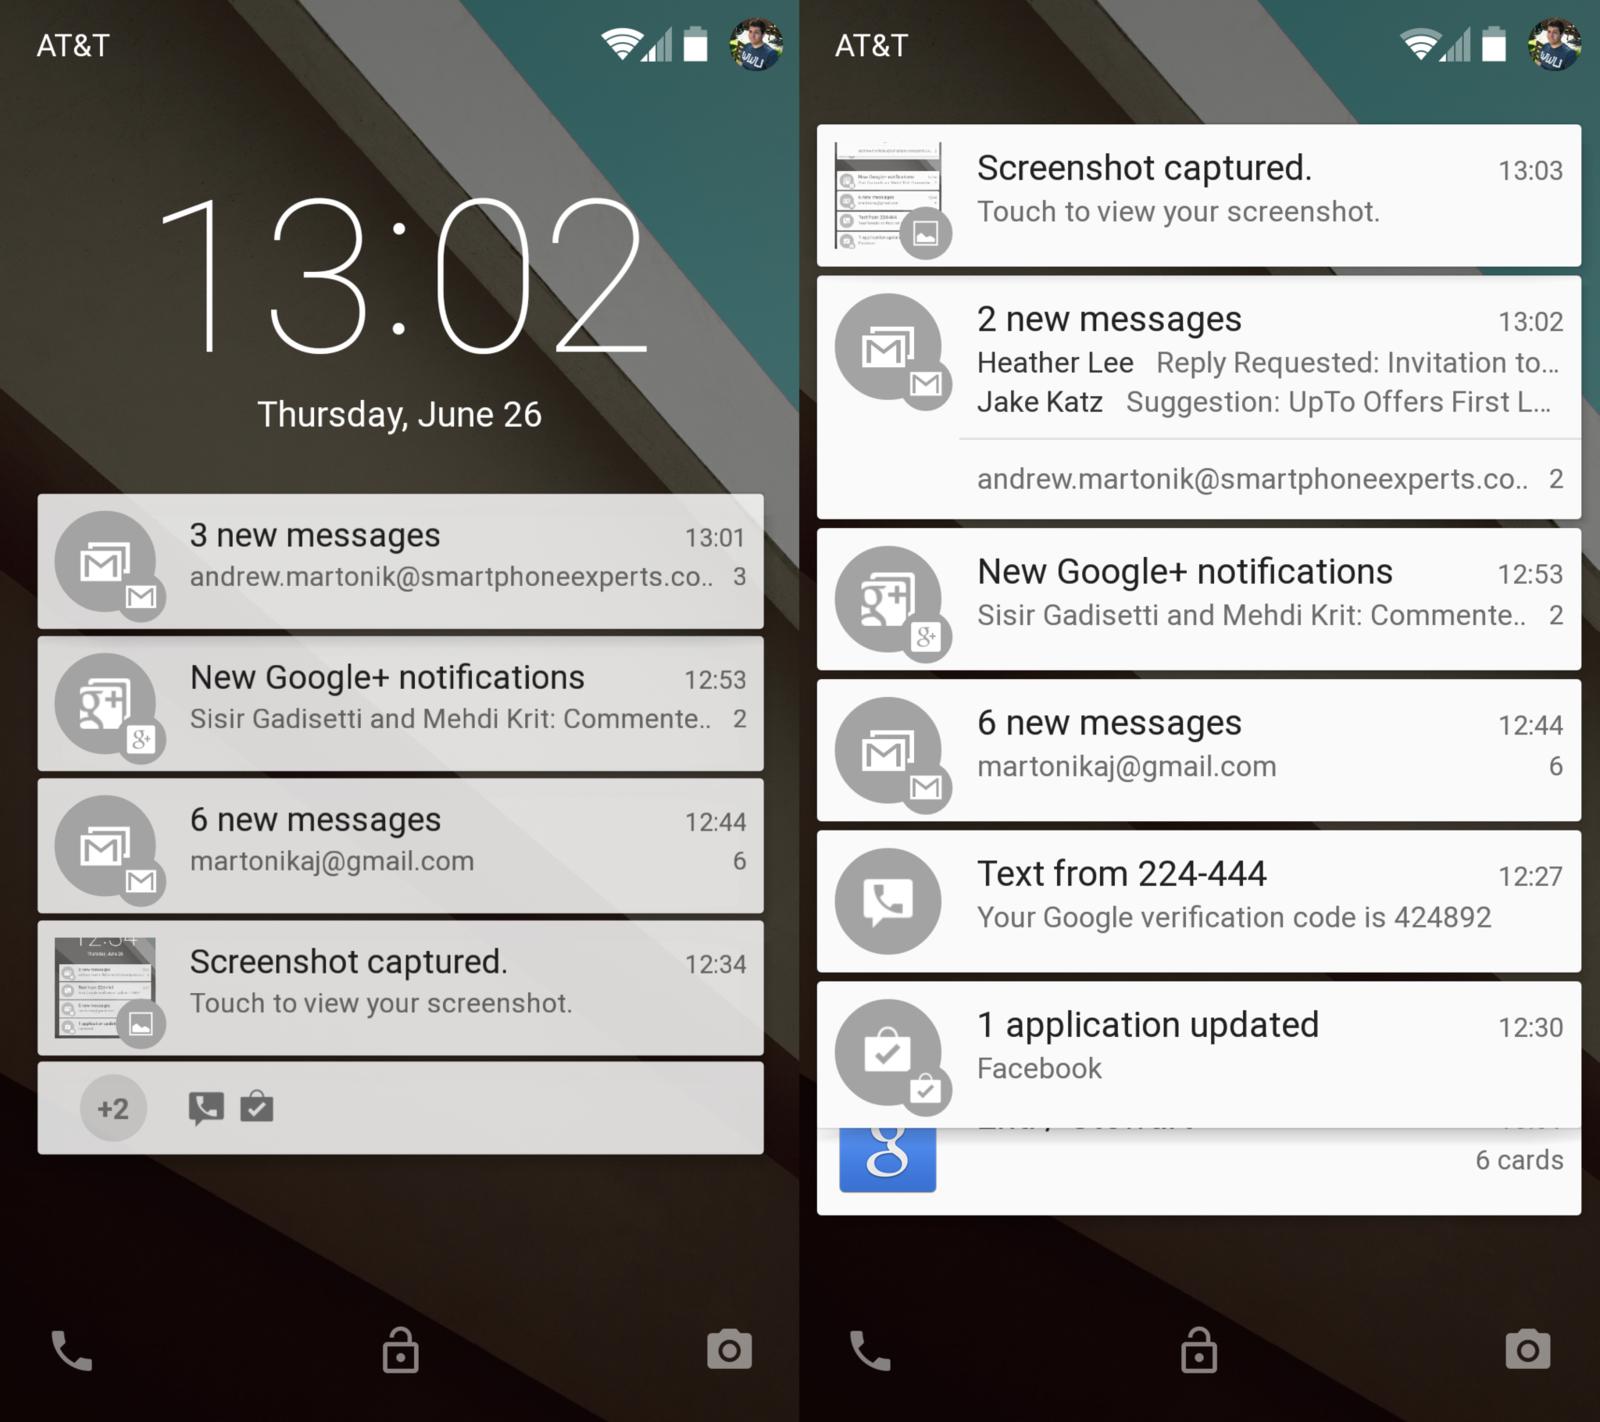 cara mengelola pemberitahuan aplikasi android oppo f1 plus - rio bermano